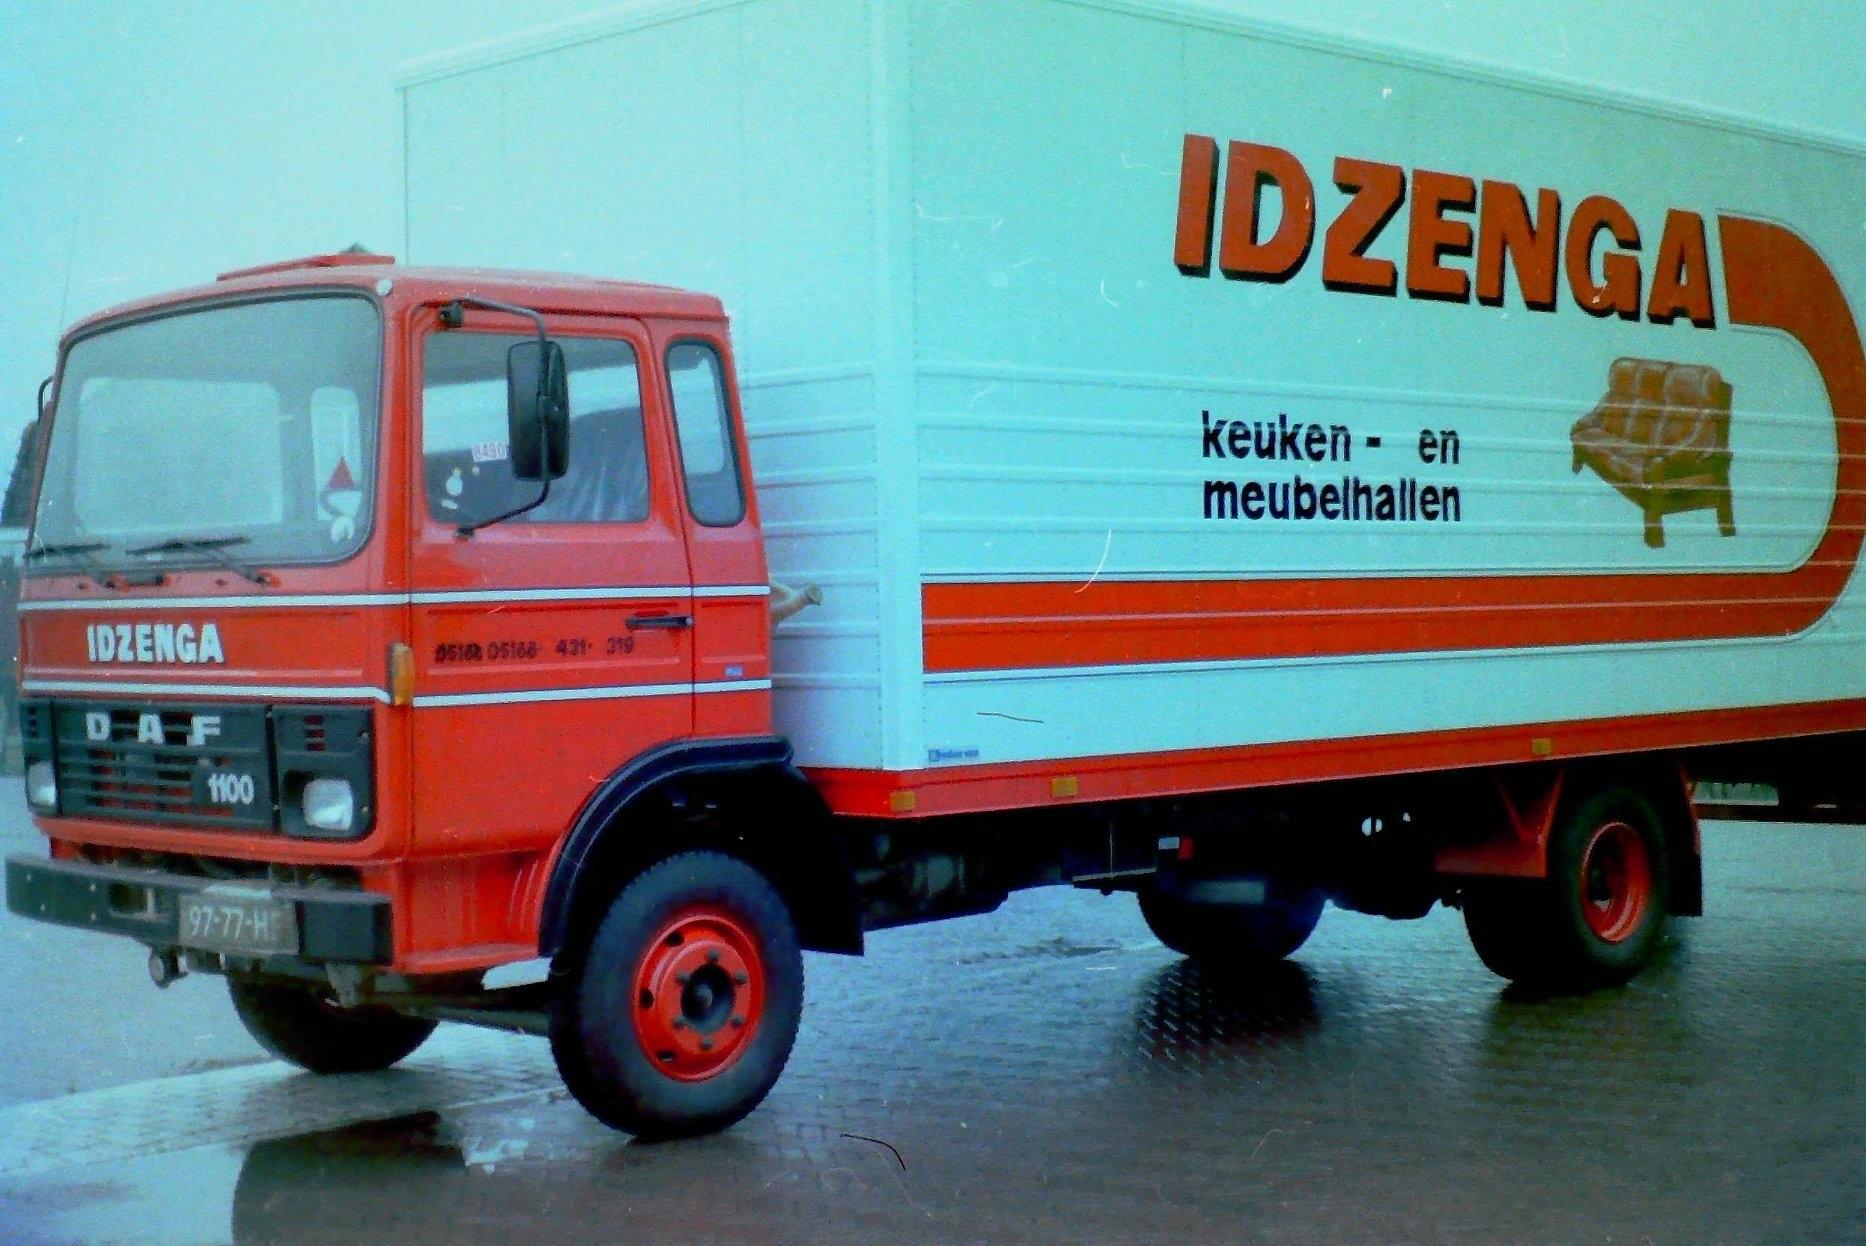 DAF-voor-Idzenga-Keuken---en-meubelhallen-te-Oosterbierum-is-ook-door-Rondaan-opgebouwd